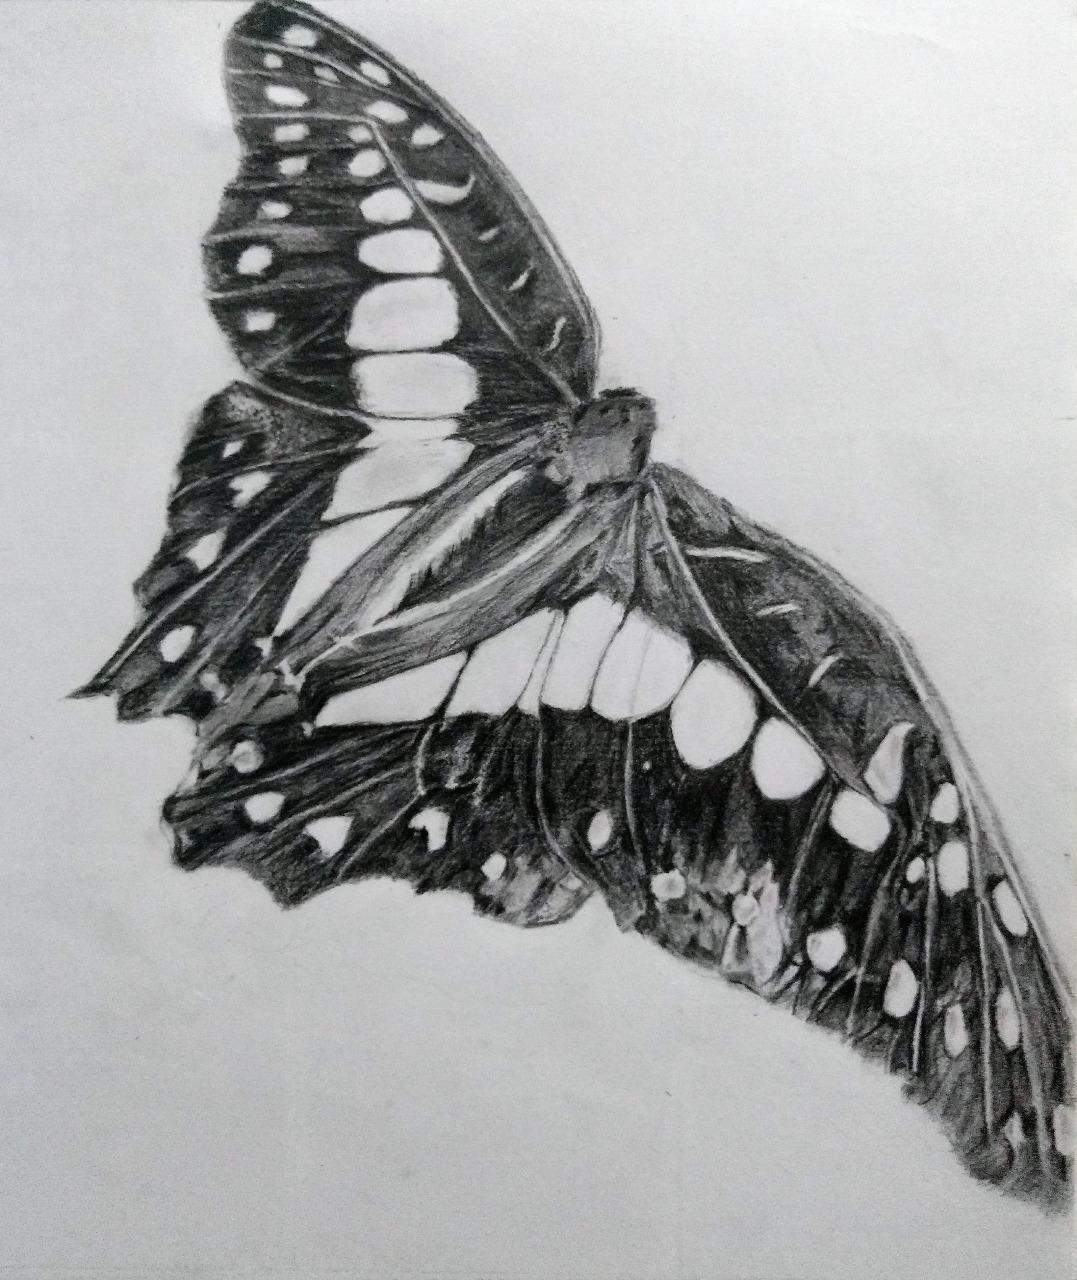 Butterfly Sketch by Ankita Pisat